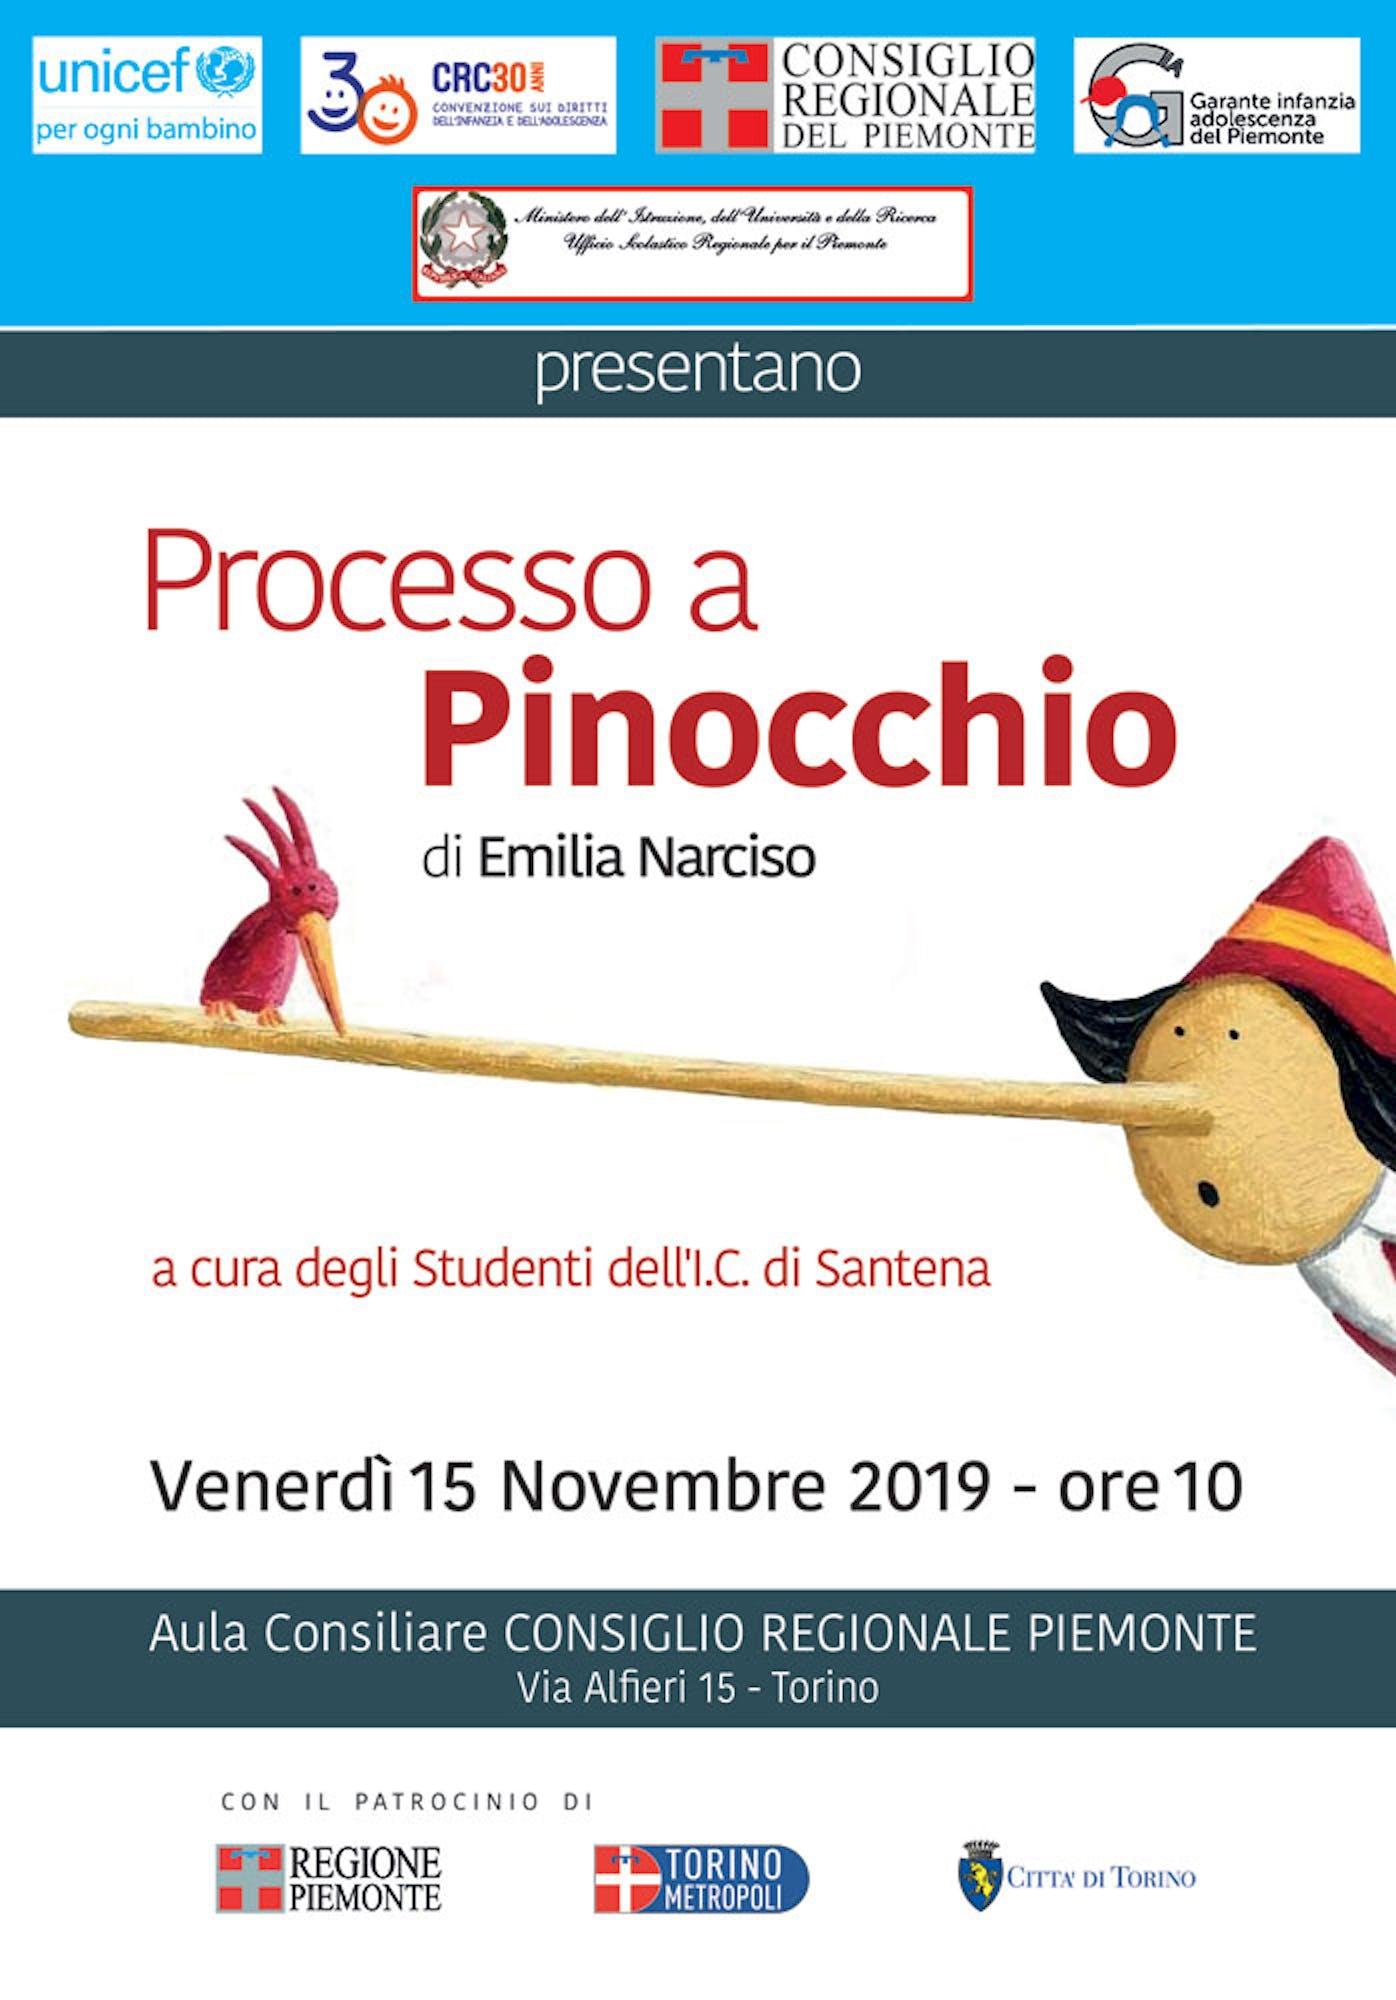 Processo a Pinocchio nell'Aula del Consiglio Regionale Piemonte a Torino per celebrare i diritti dei bambini